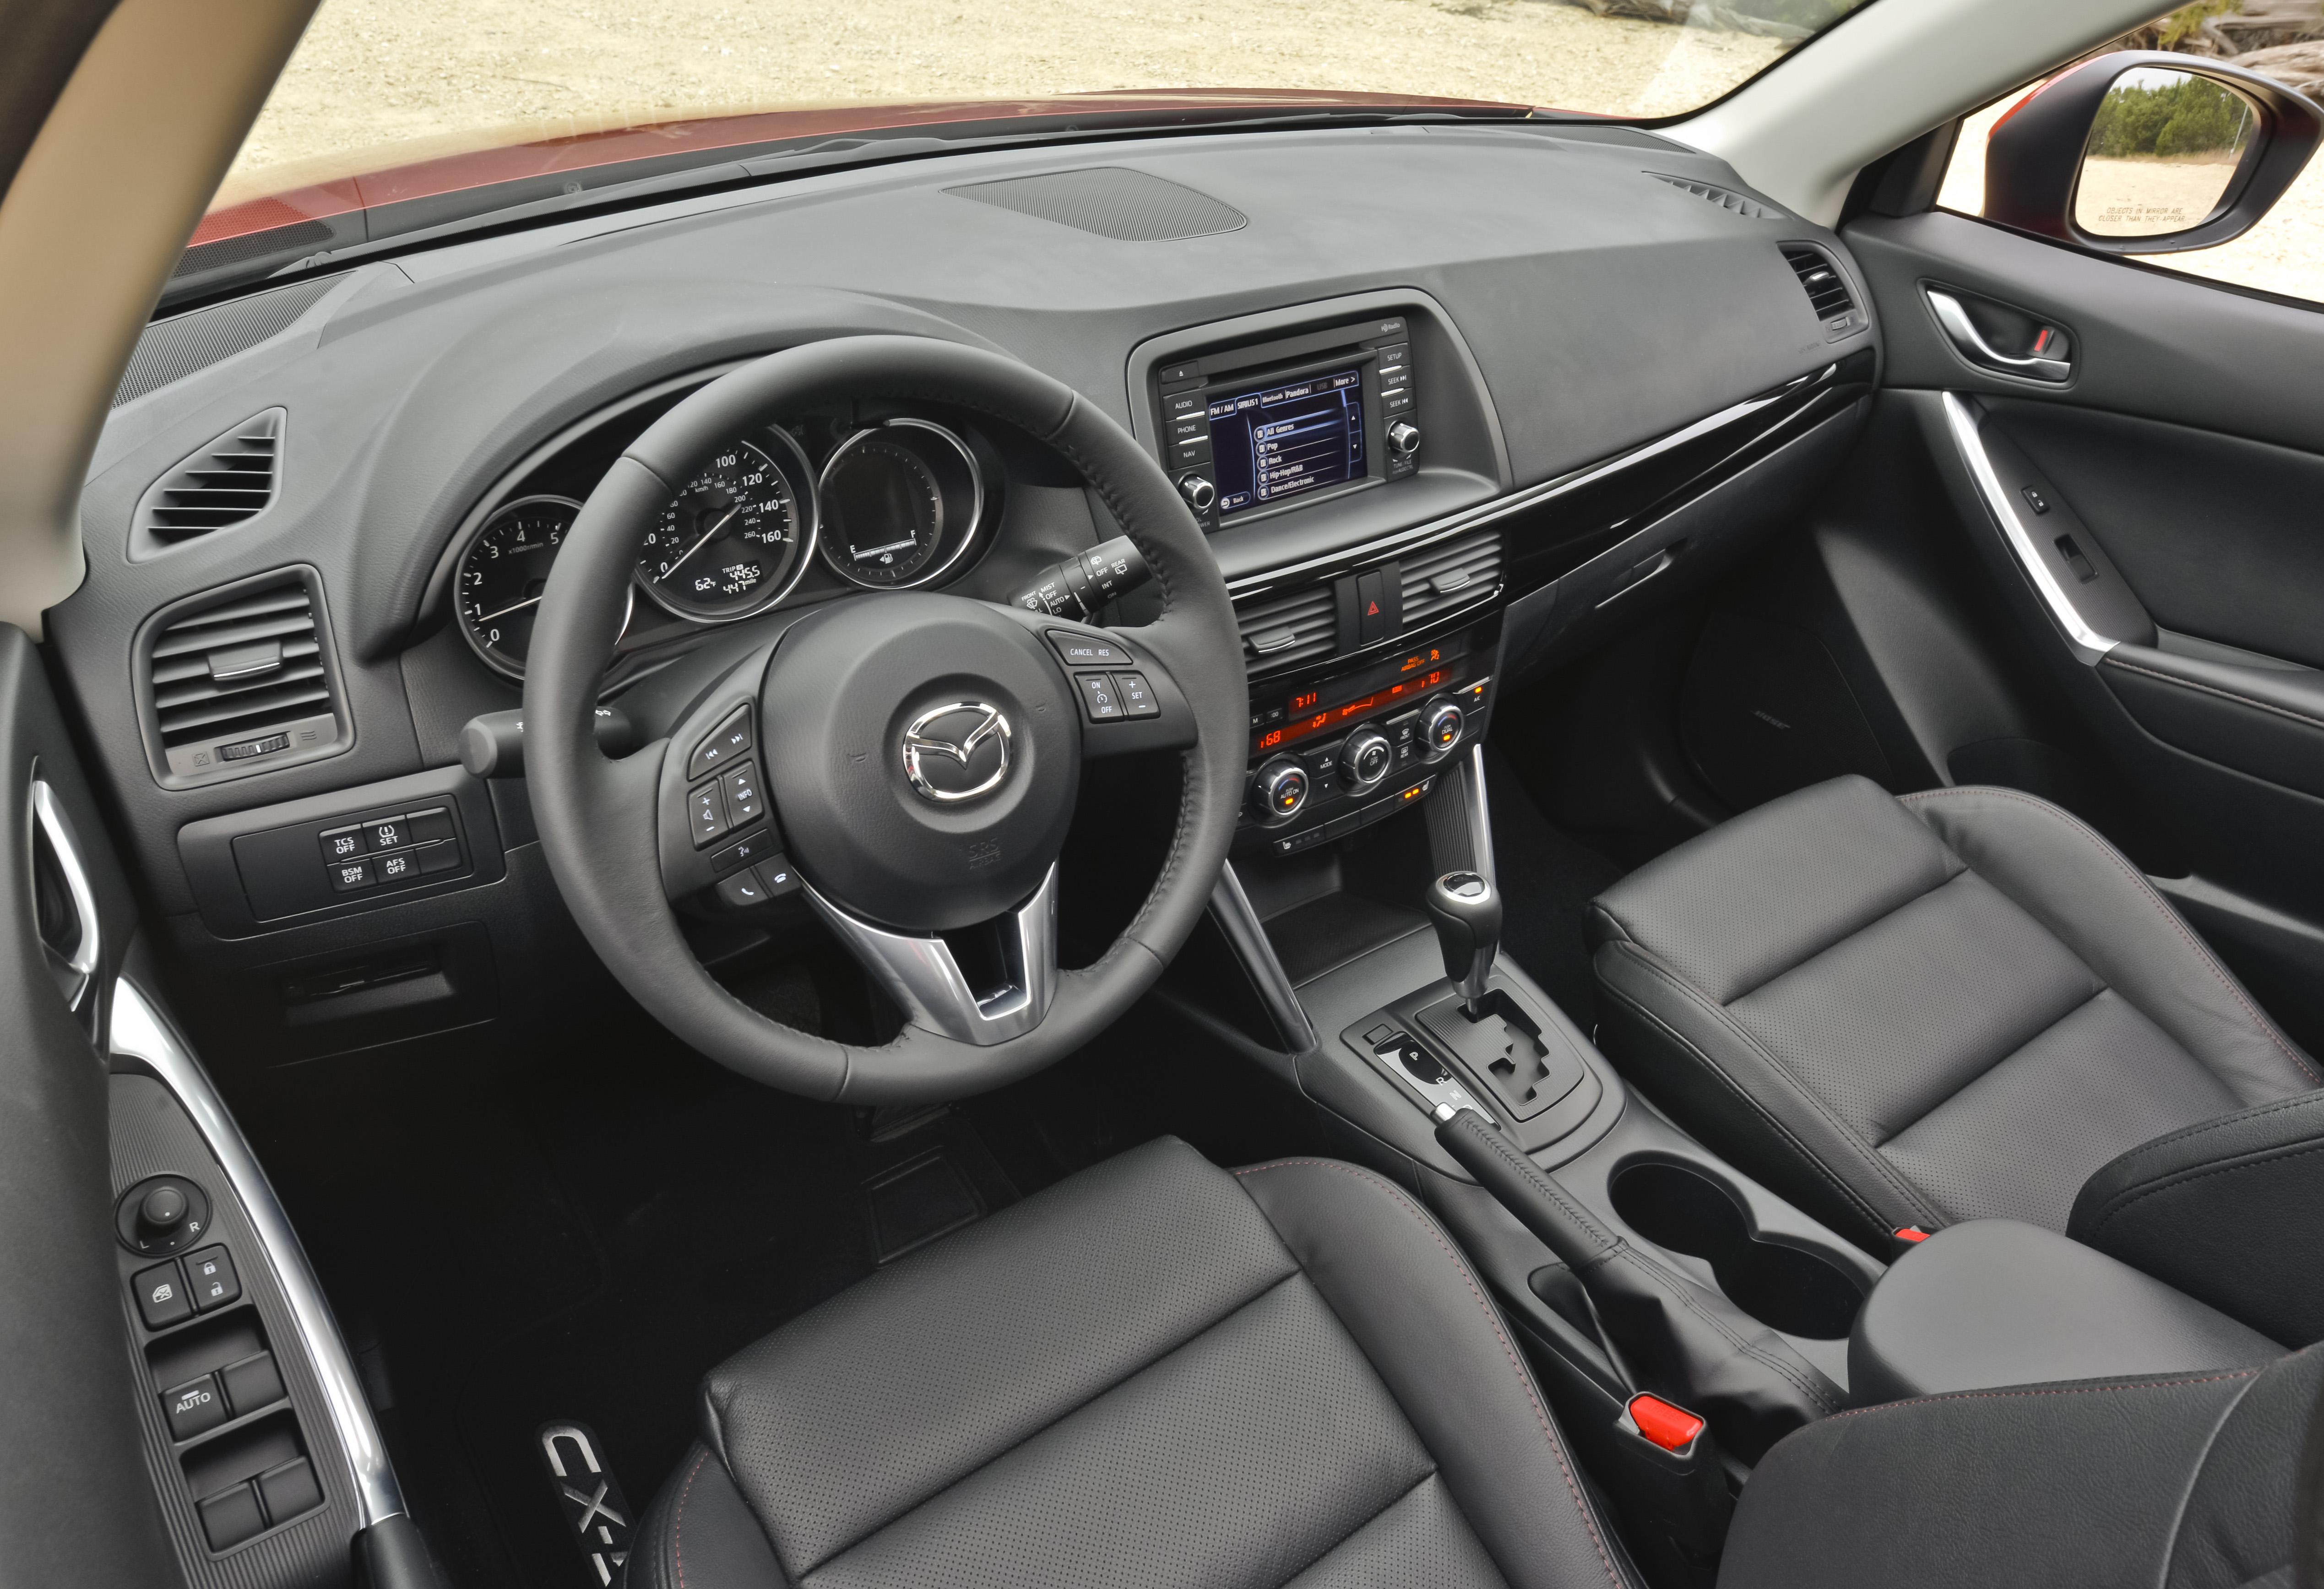 Kekurangan Mazda 5 2014 Tangguh